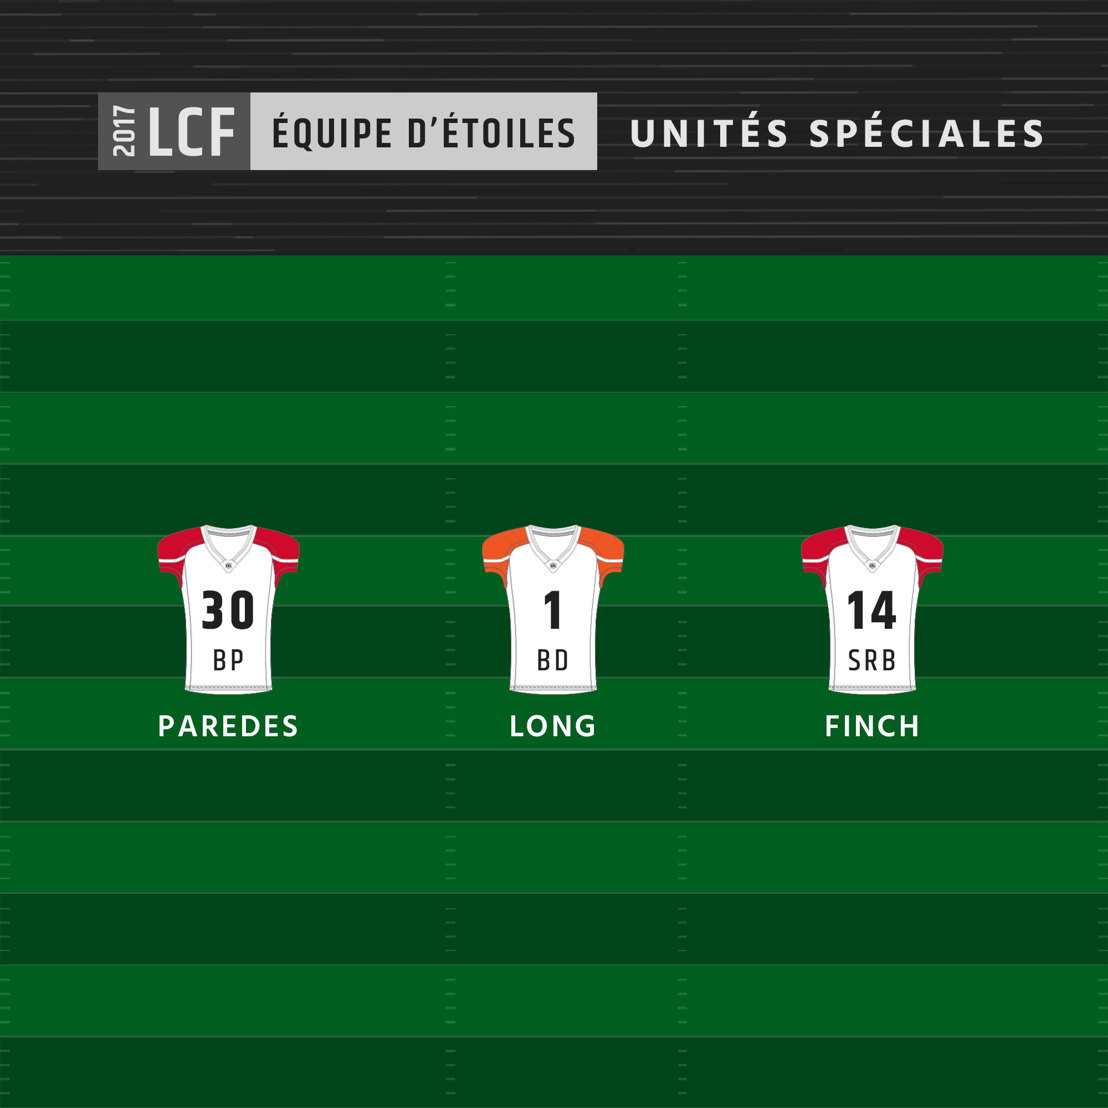 Équipe d'étoiles 2017 de la LCF - Unités spéciales